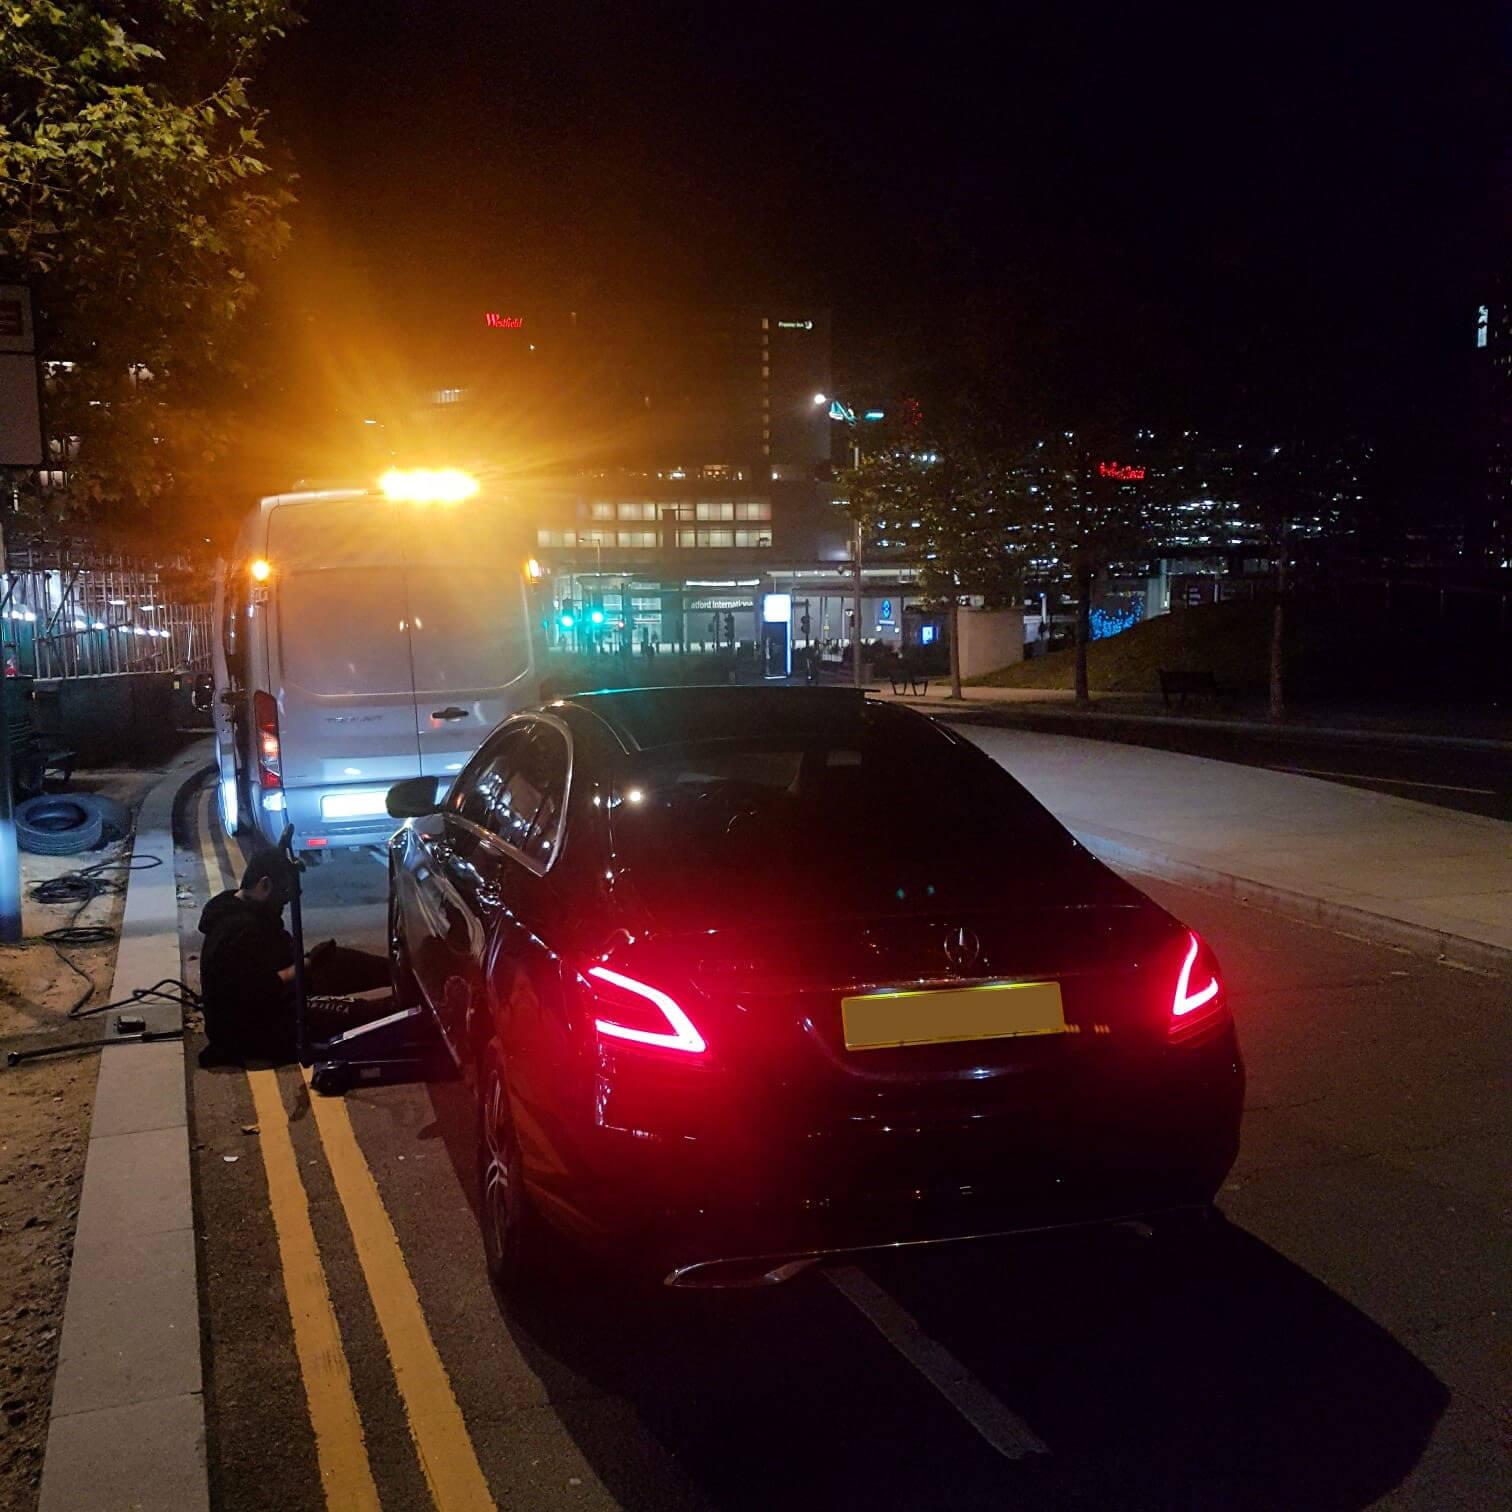 24hr mobile tyre van working late in night on customers car